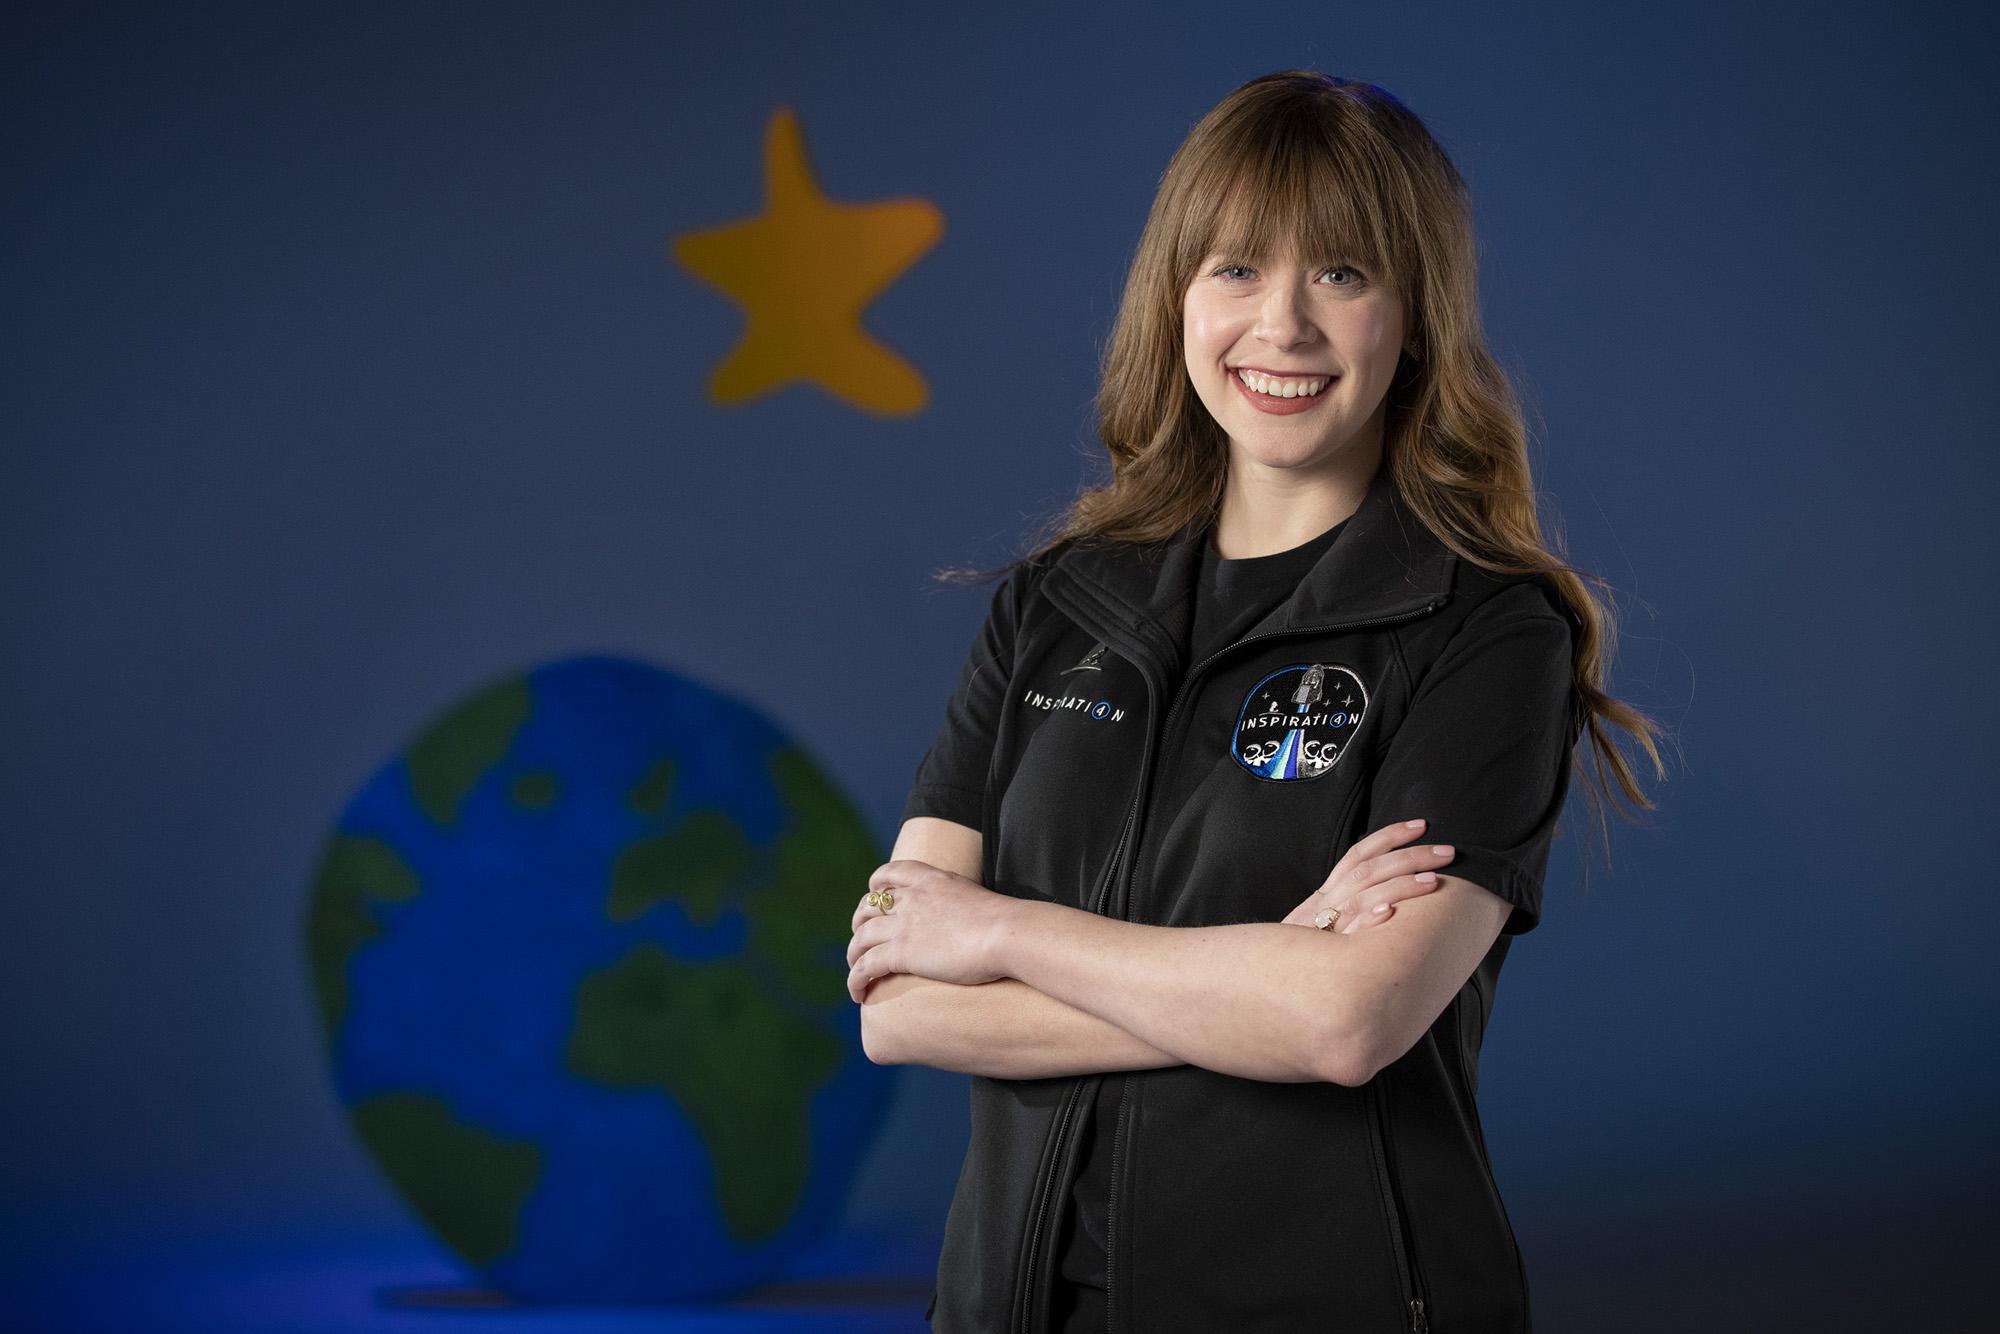 Hayley Arceneaux, 29 ans, survivante du cancer des os infantile, rejoindra la mission privée Inspiration4 SpaceX dirigée par Jared Isaacman.